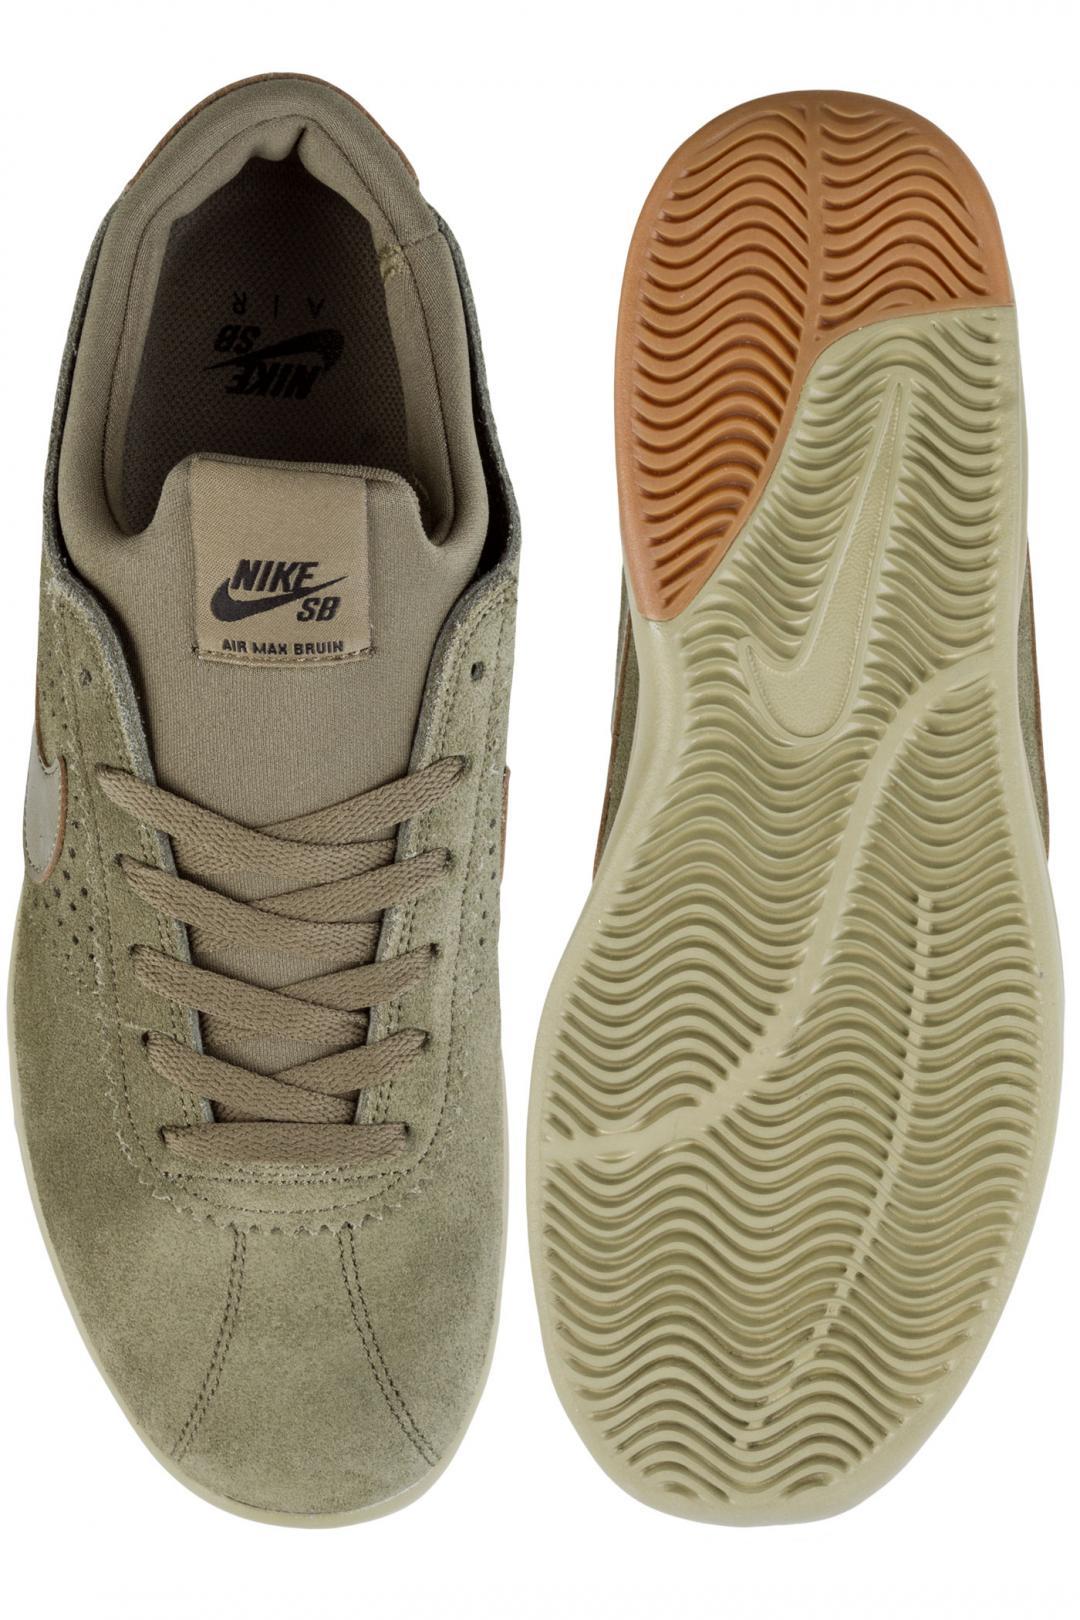 Uomo Nike SB Air Max Bruin Vapor medium olive   Sneakers low top